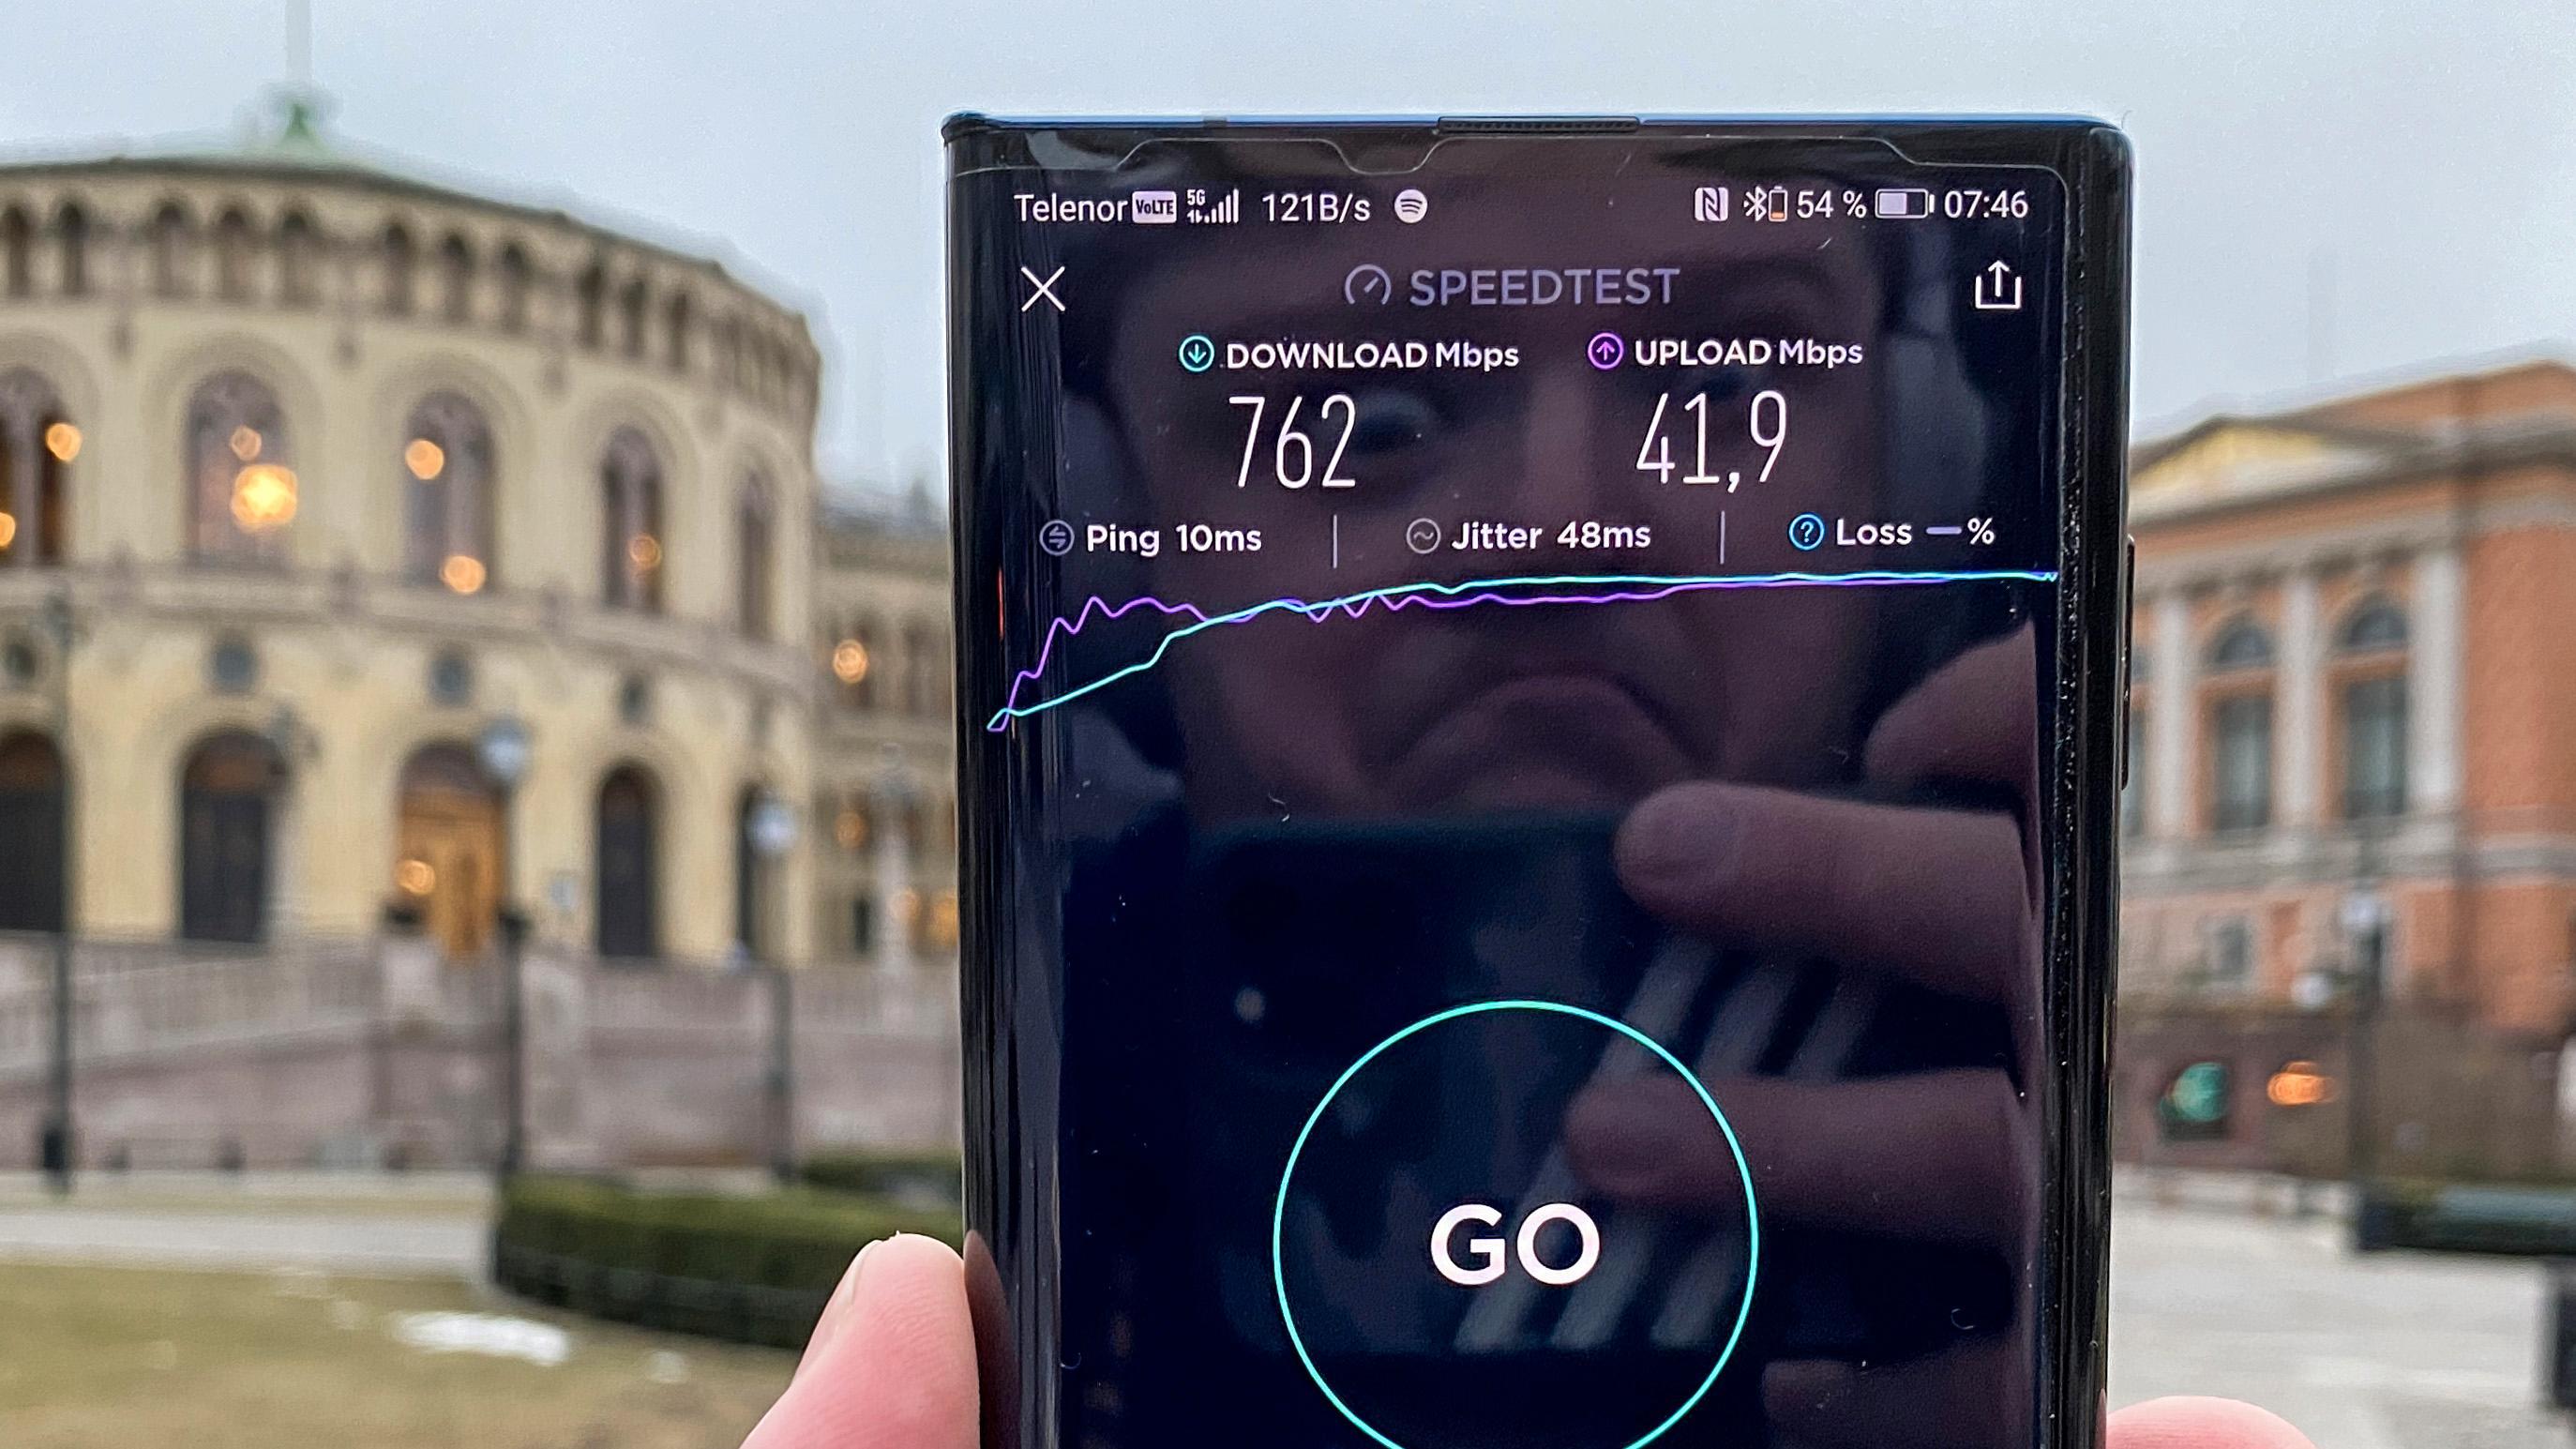 Telenor best på nedlastingshastighet, Telia på opplasting